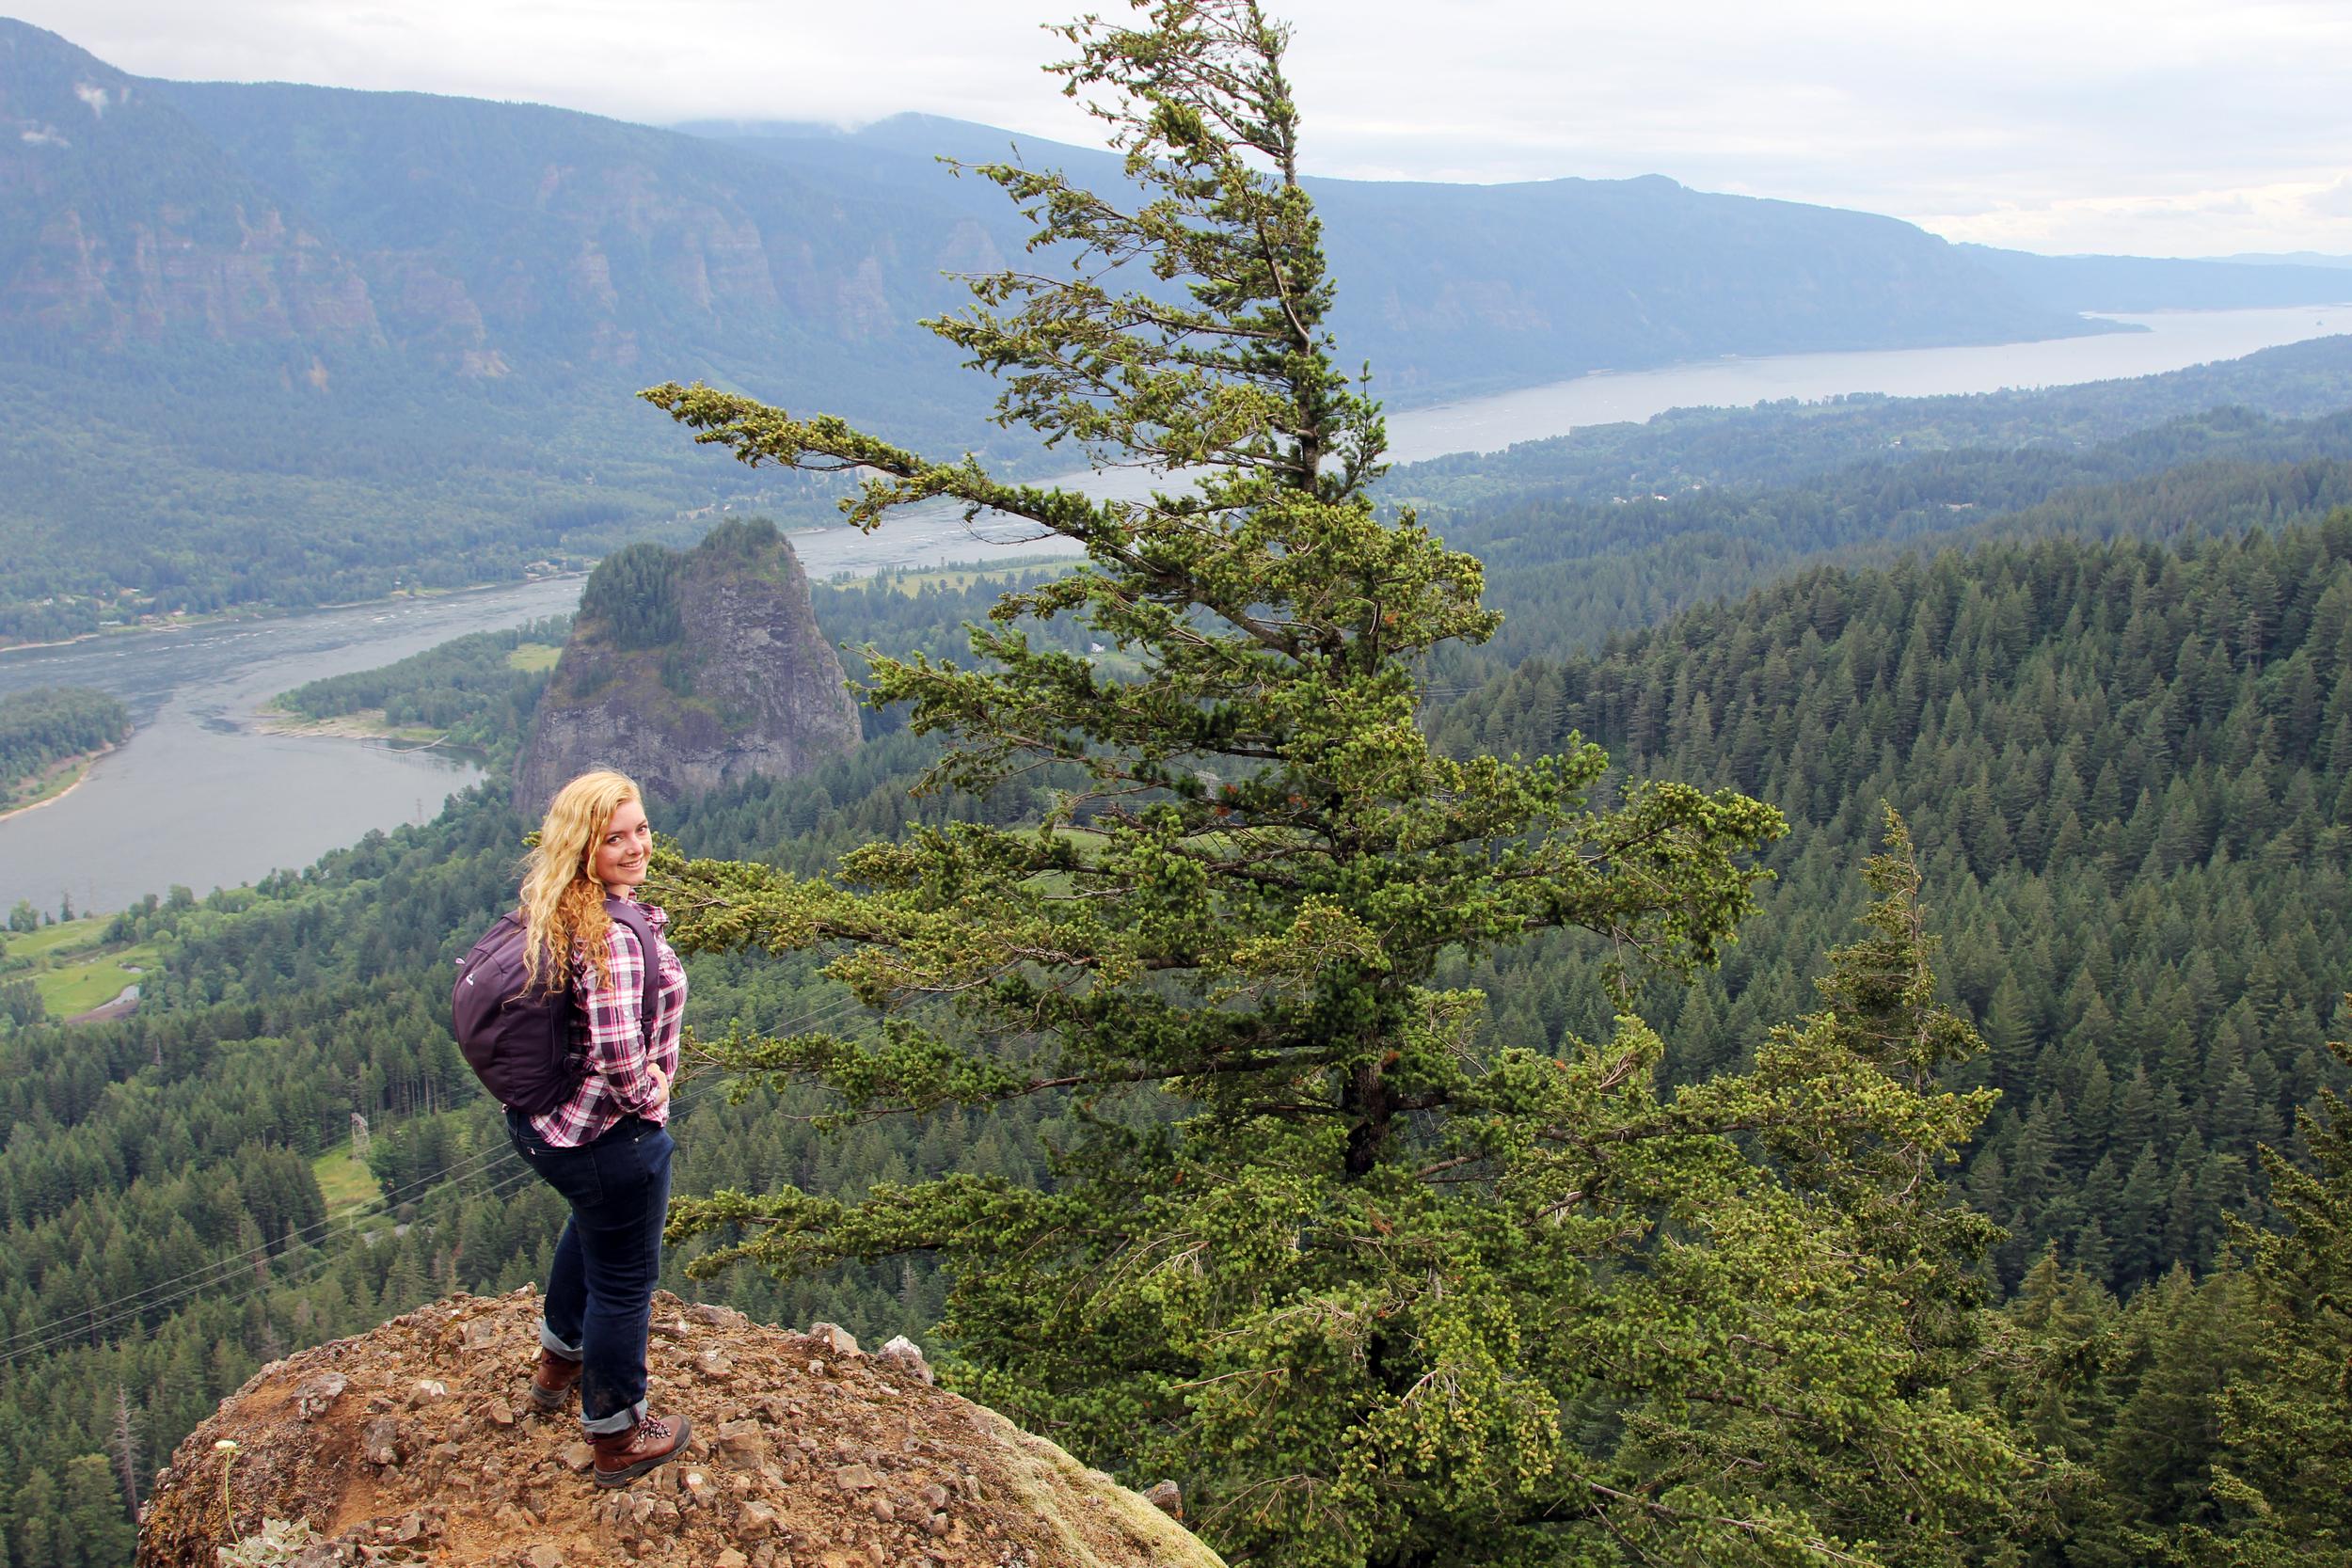 Hamilton Mountain, Washington State, USA